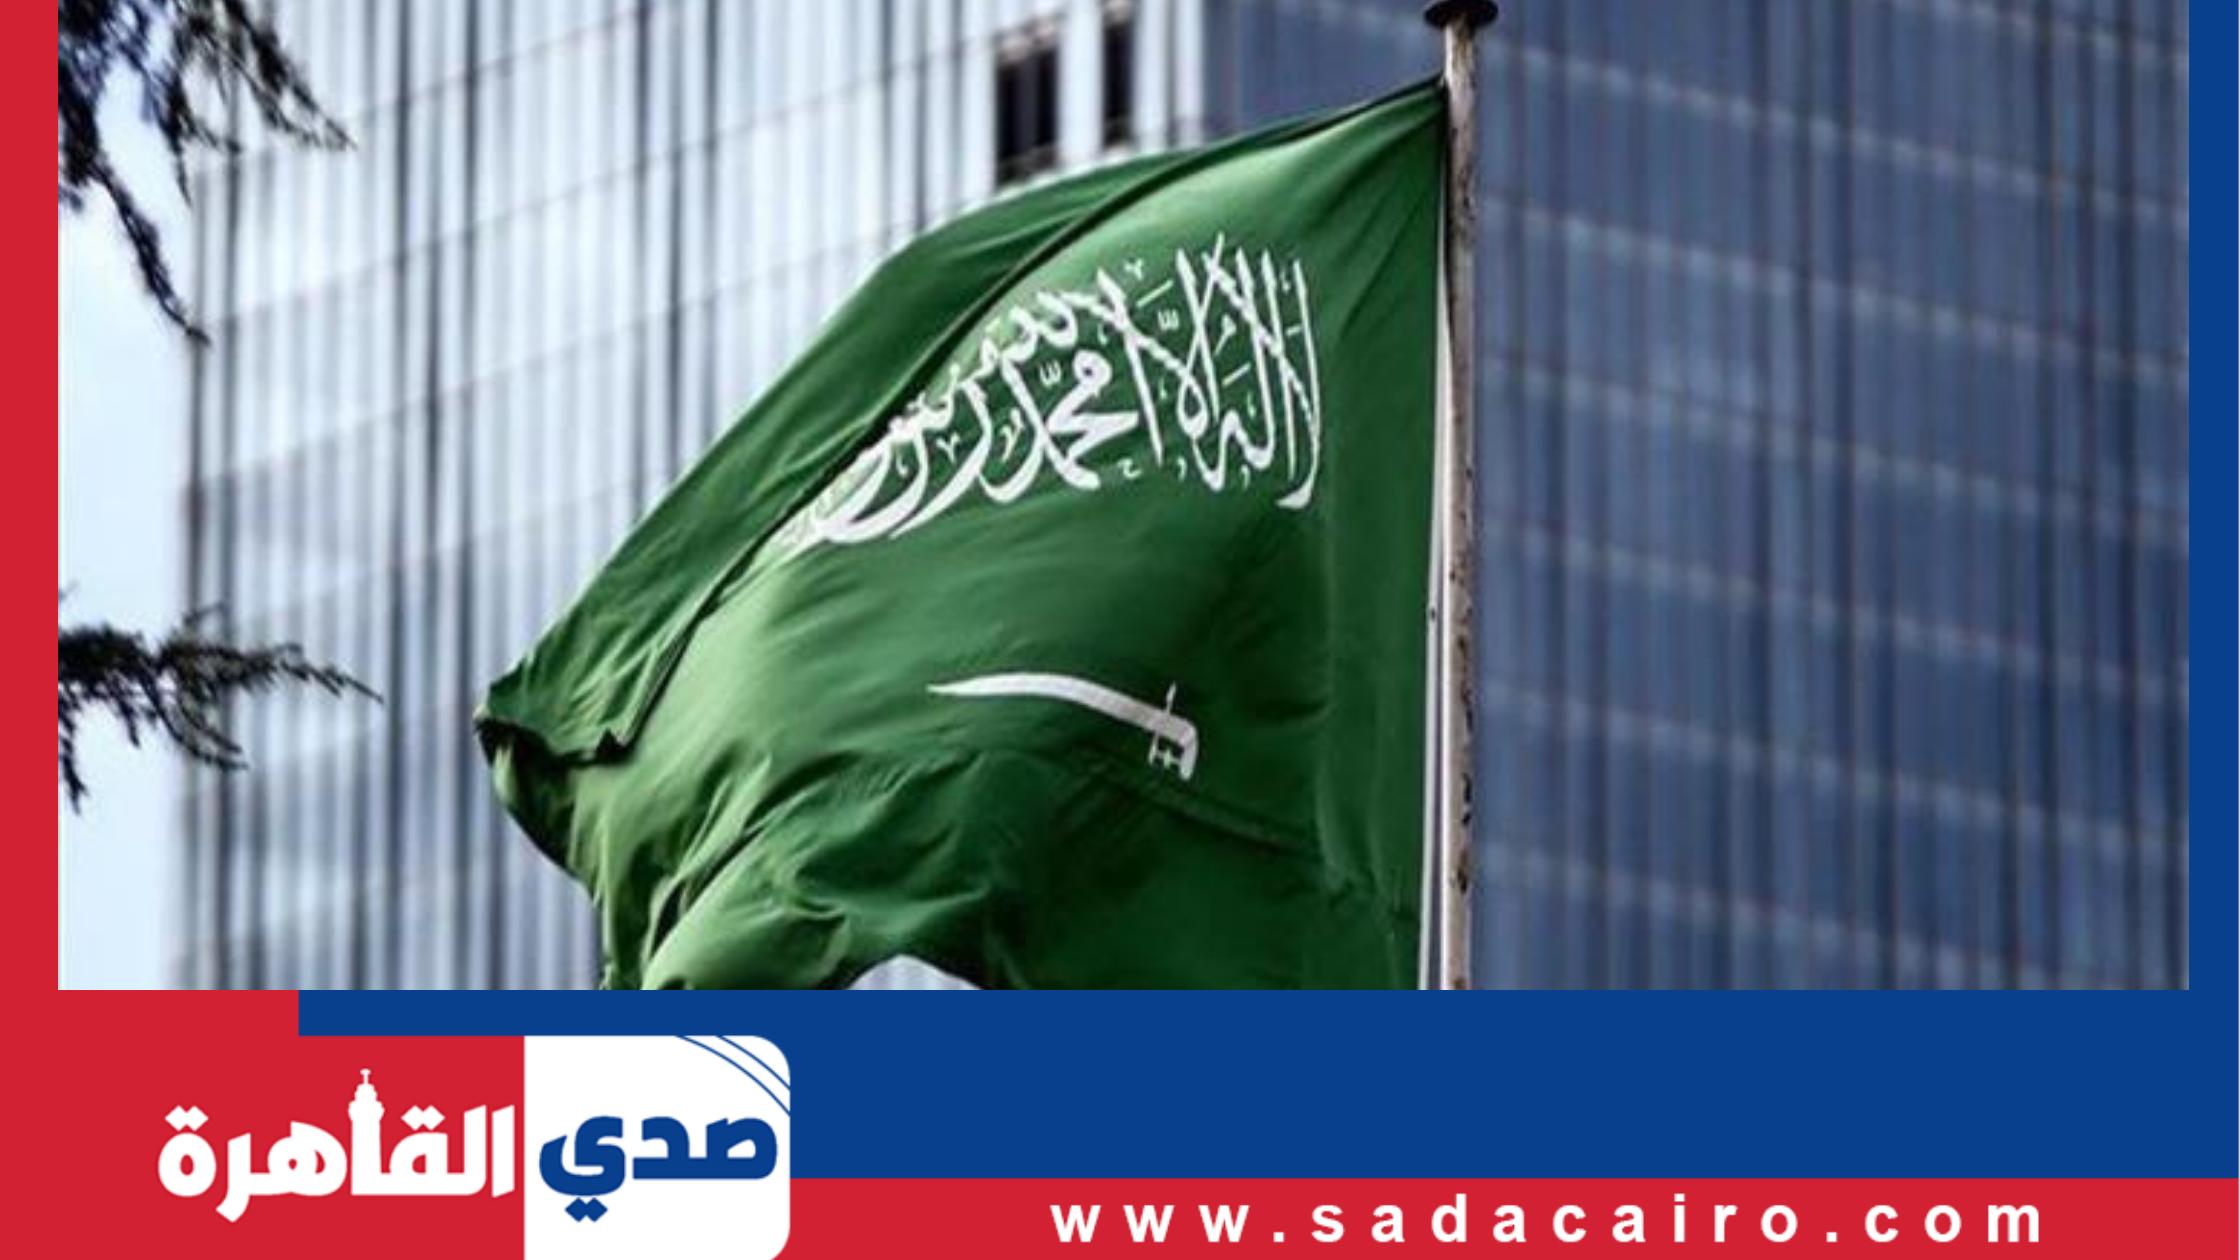 السعودية تكشف حالة الطقس في موسم الحج هذا العام